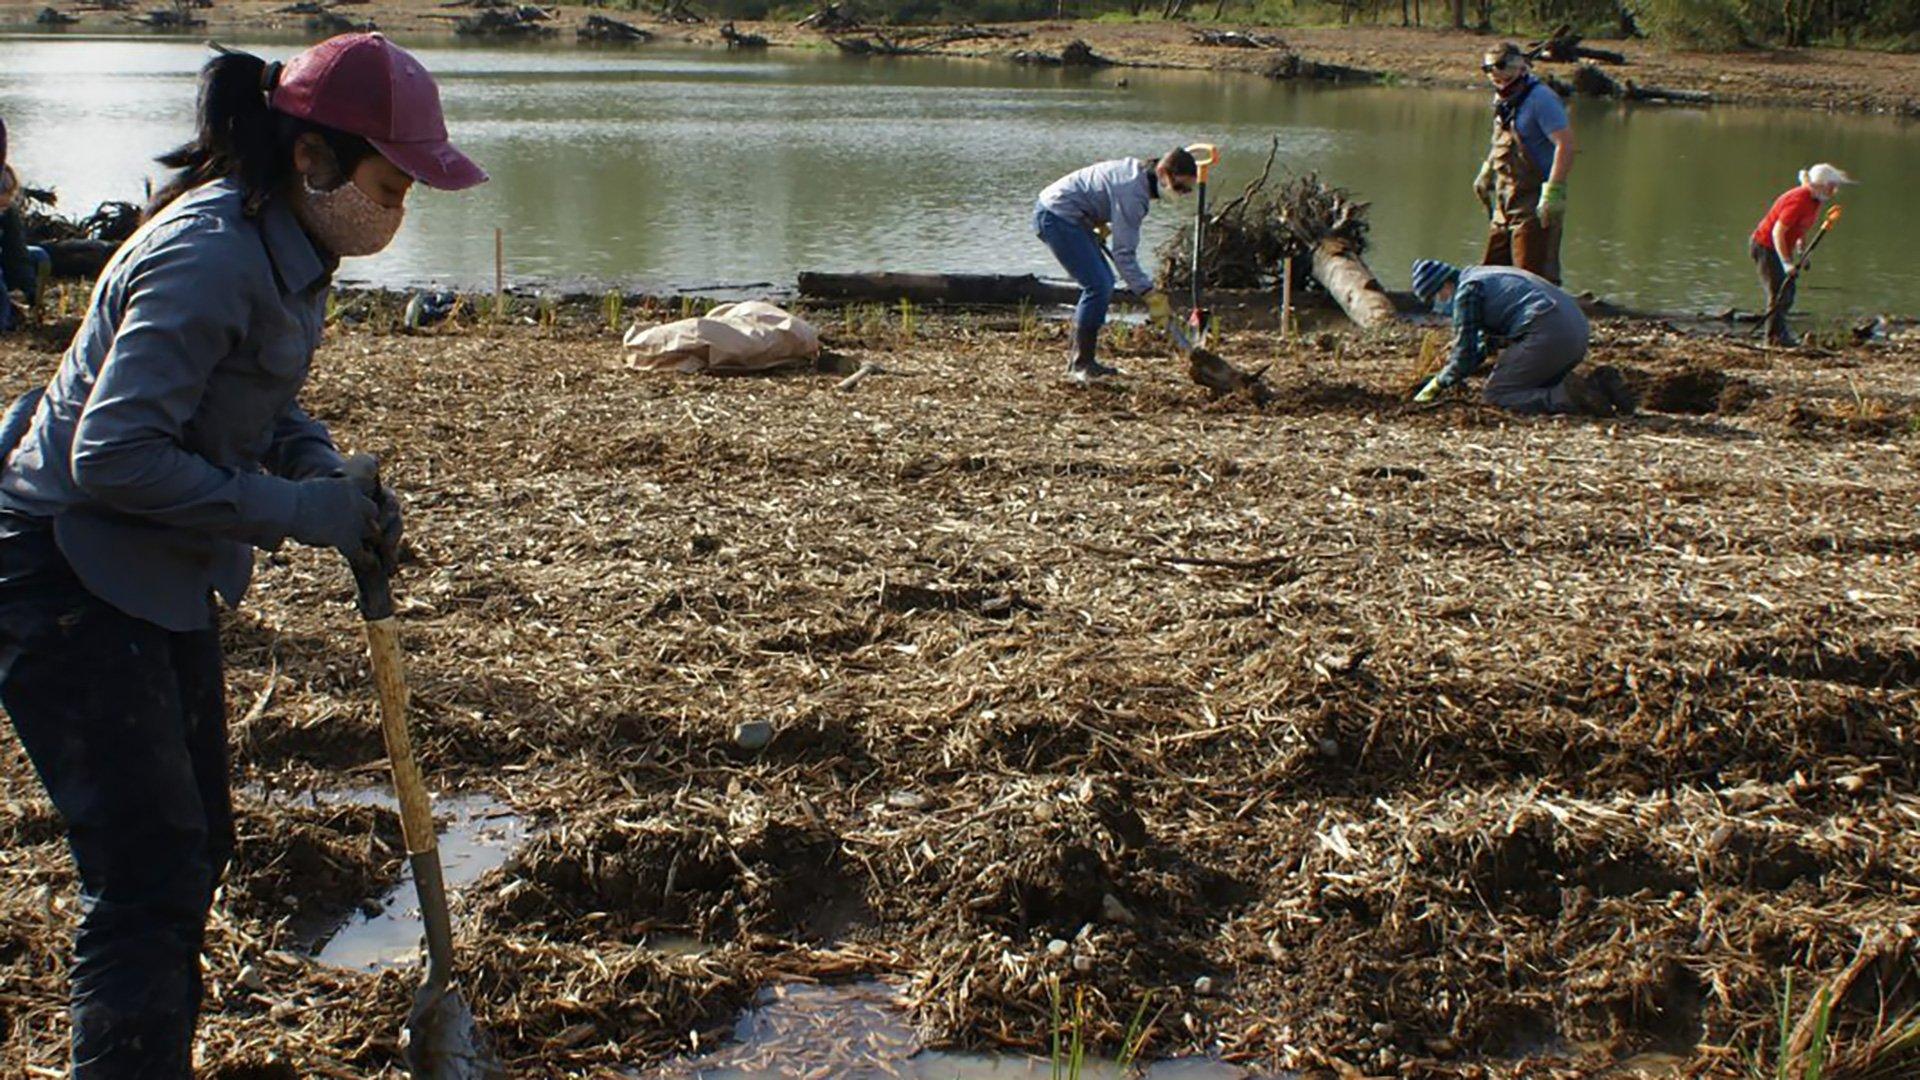 Volunteer Planting - Chehalis Basin Task Force